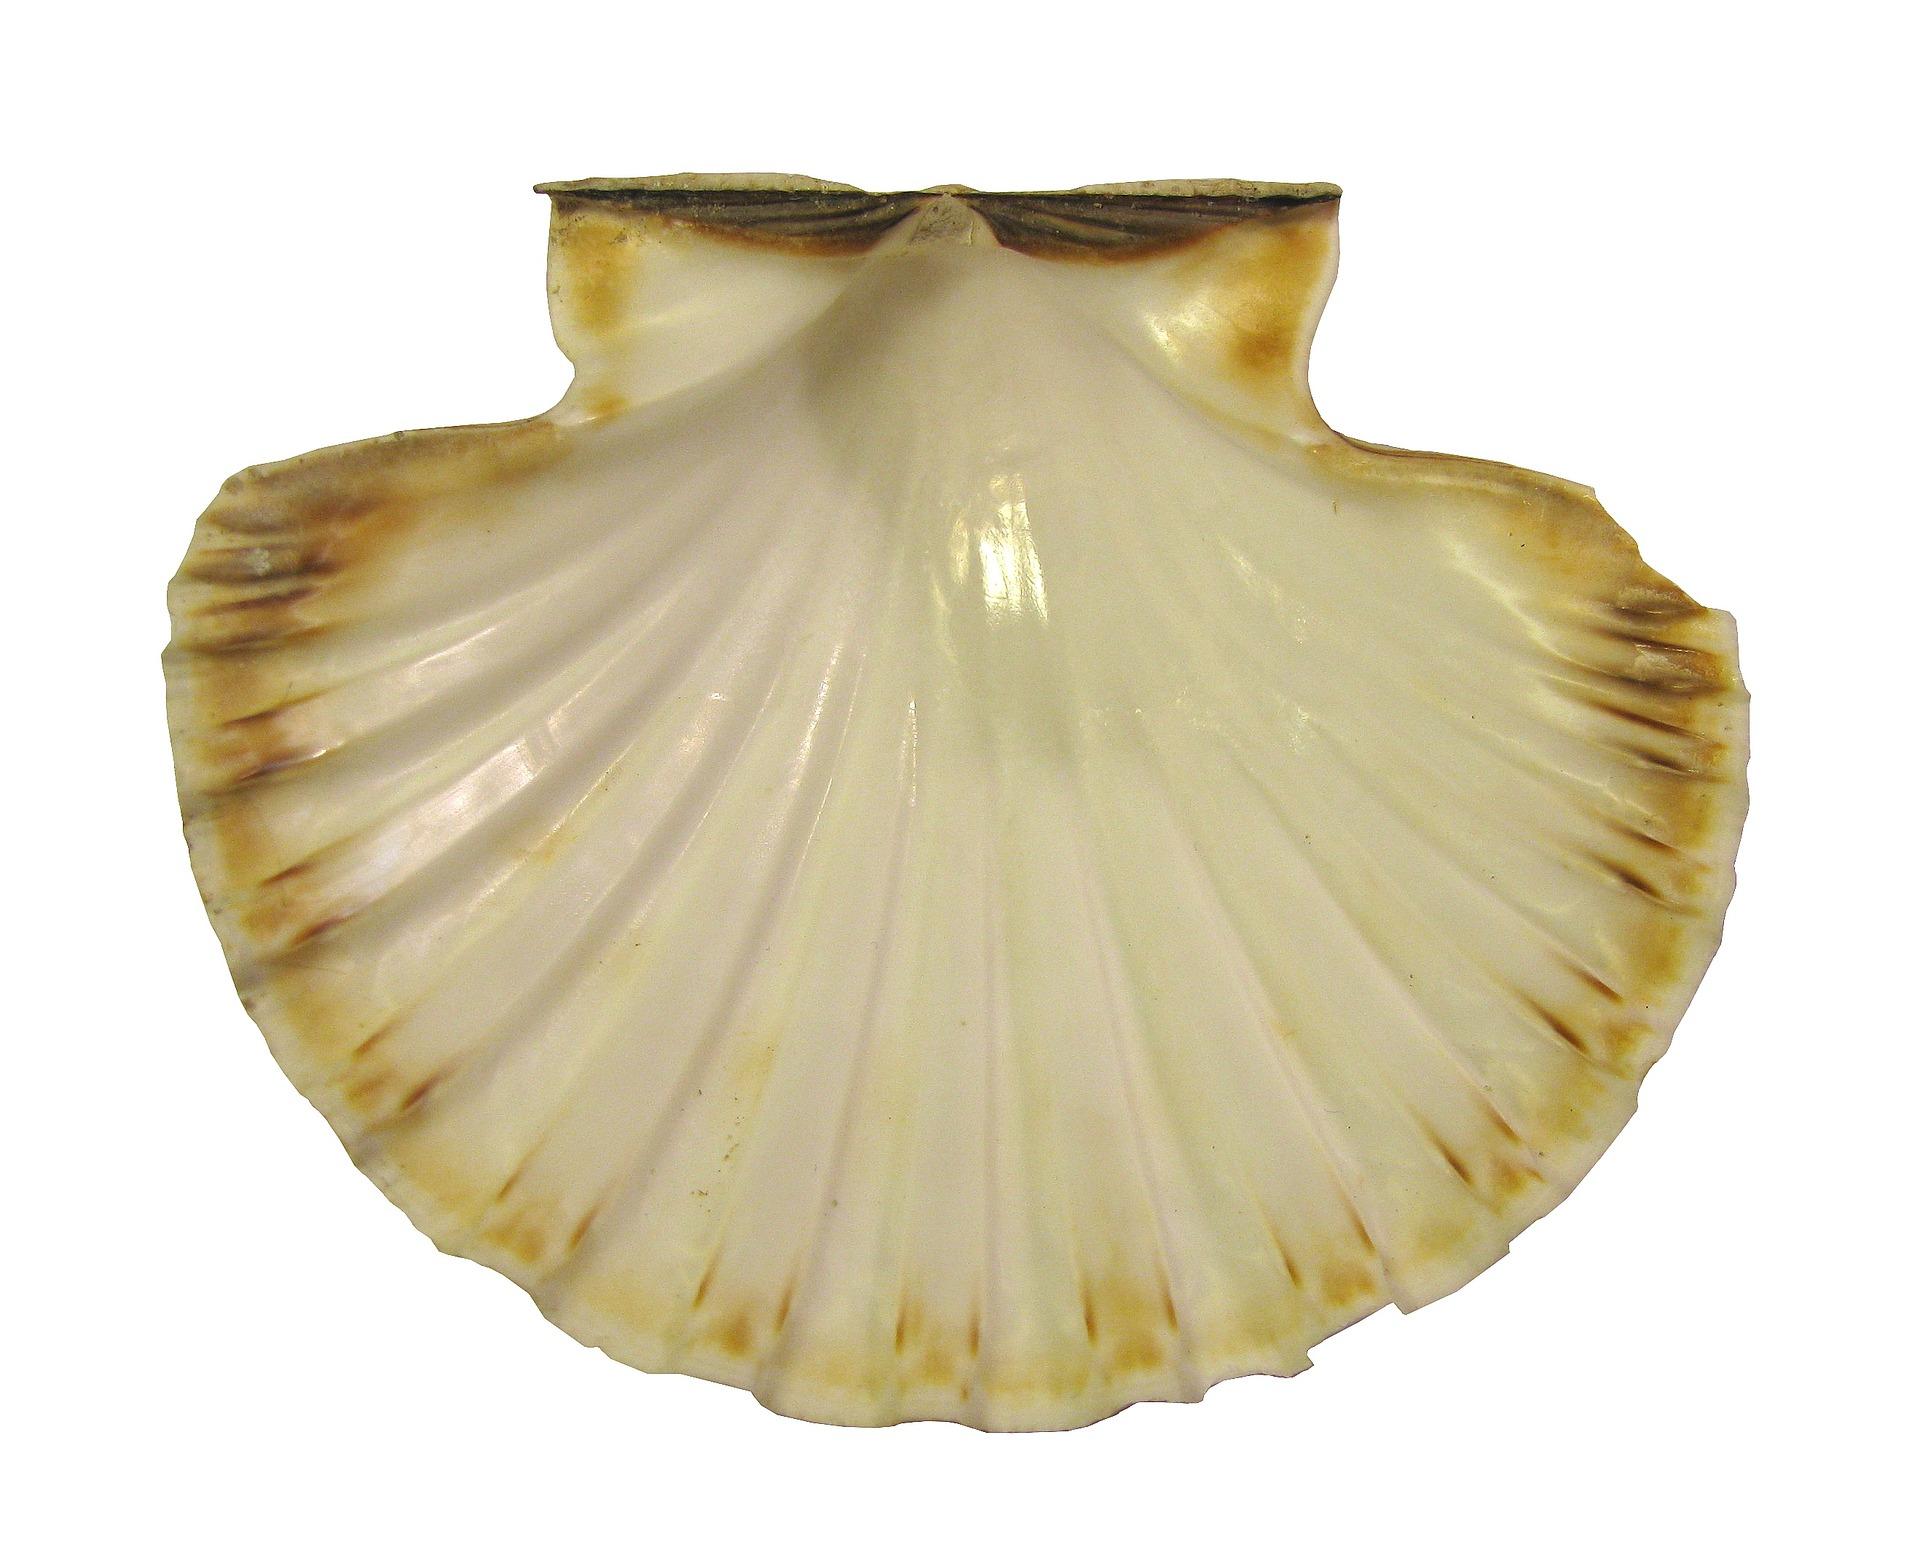 seashell-1063448_1920